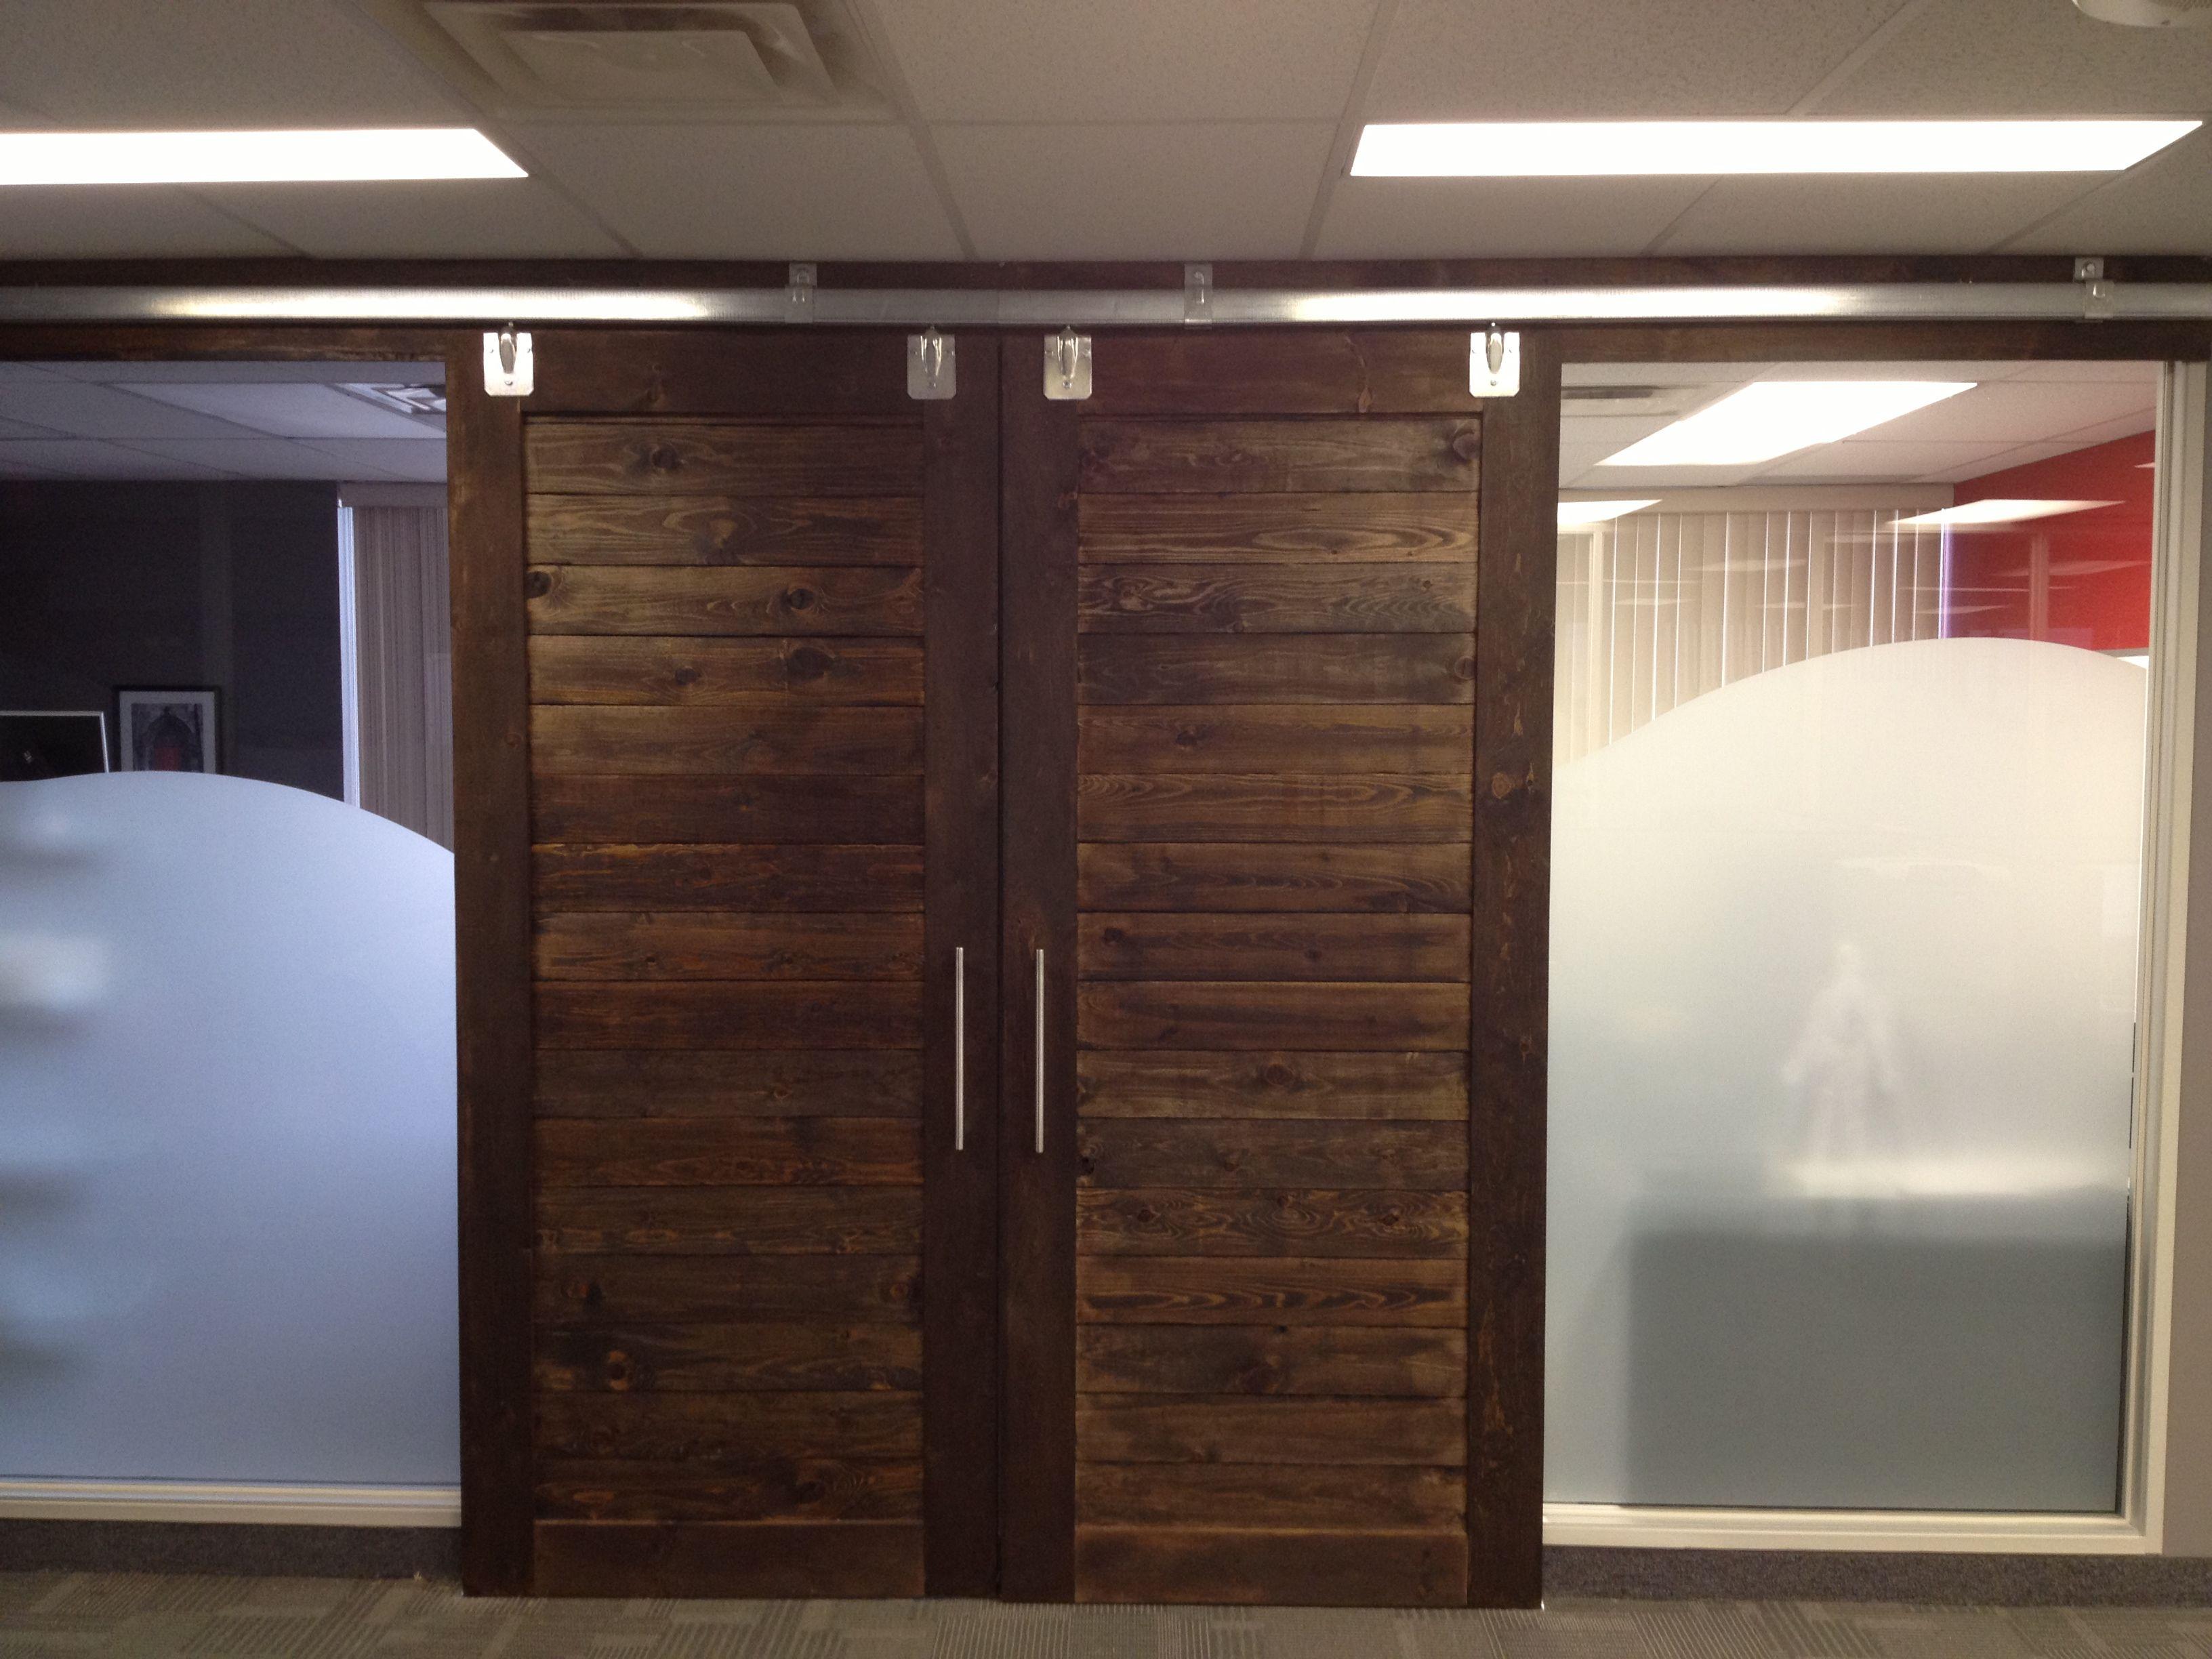 Sliding Doors Hardware: Contemporary Wooden Doors, Modern Barn Doors Accessories